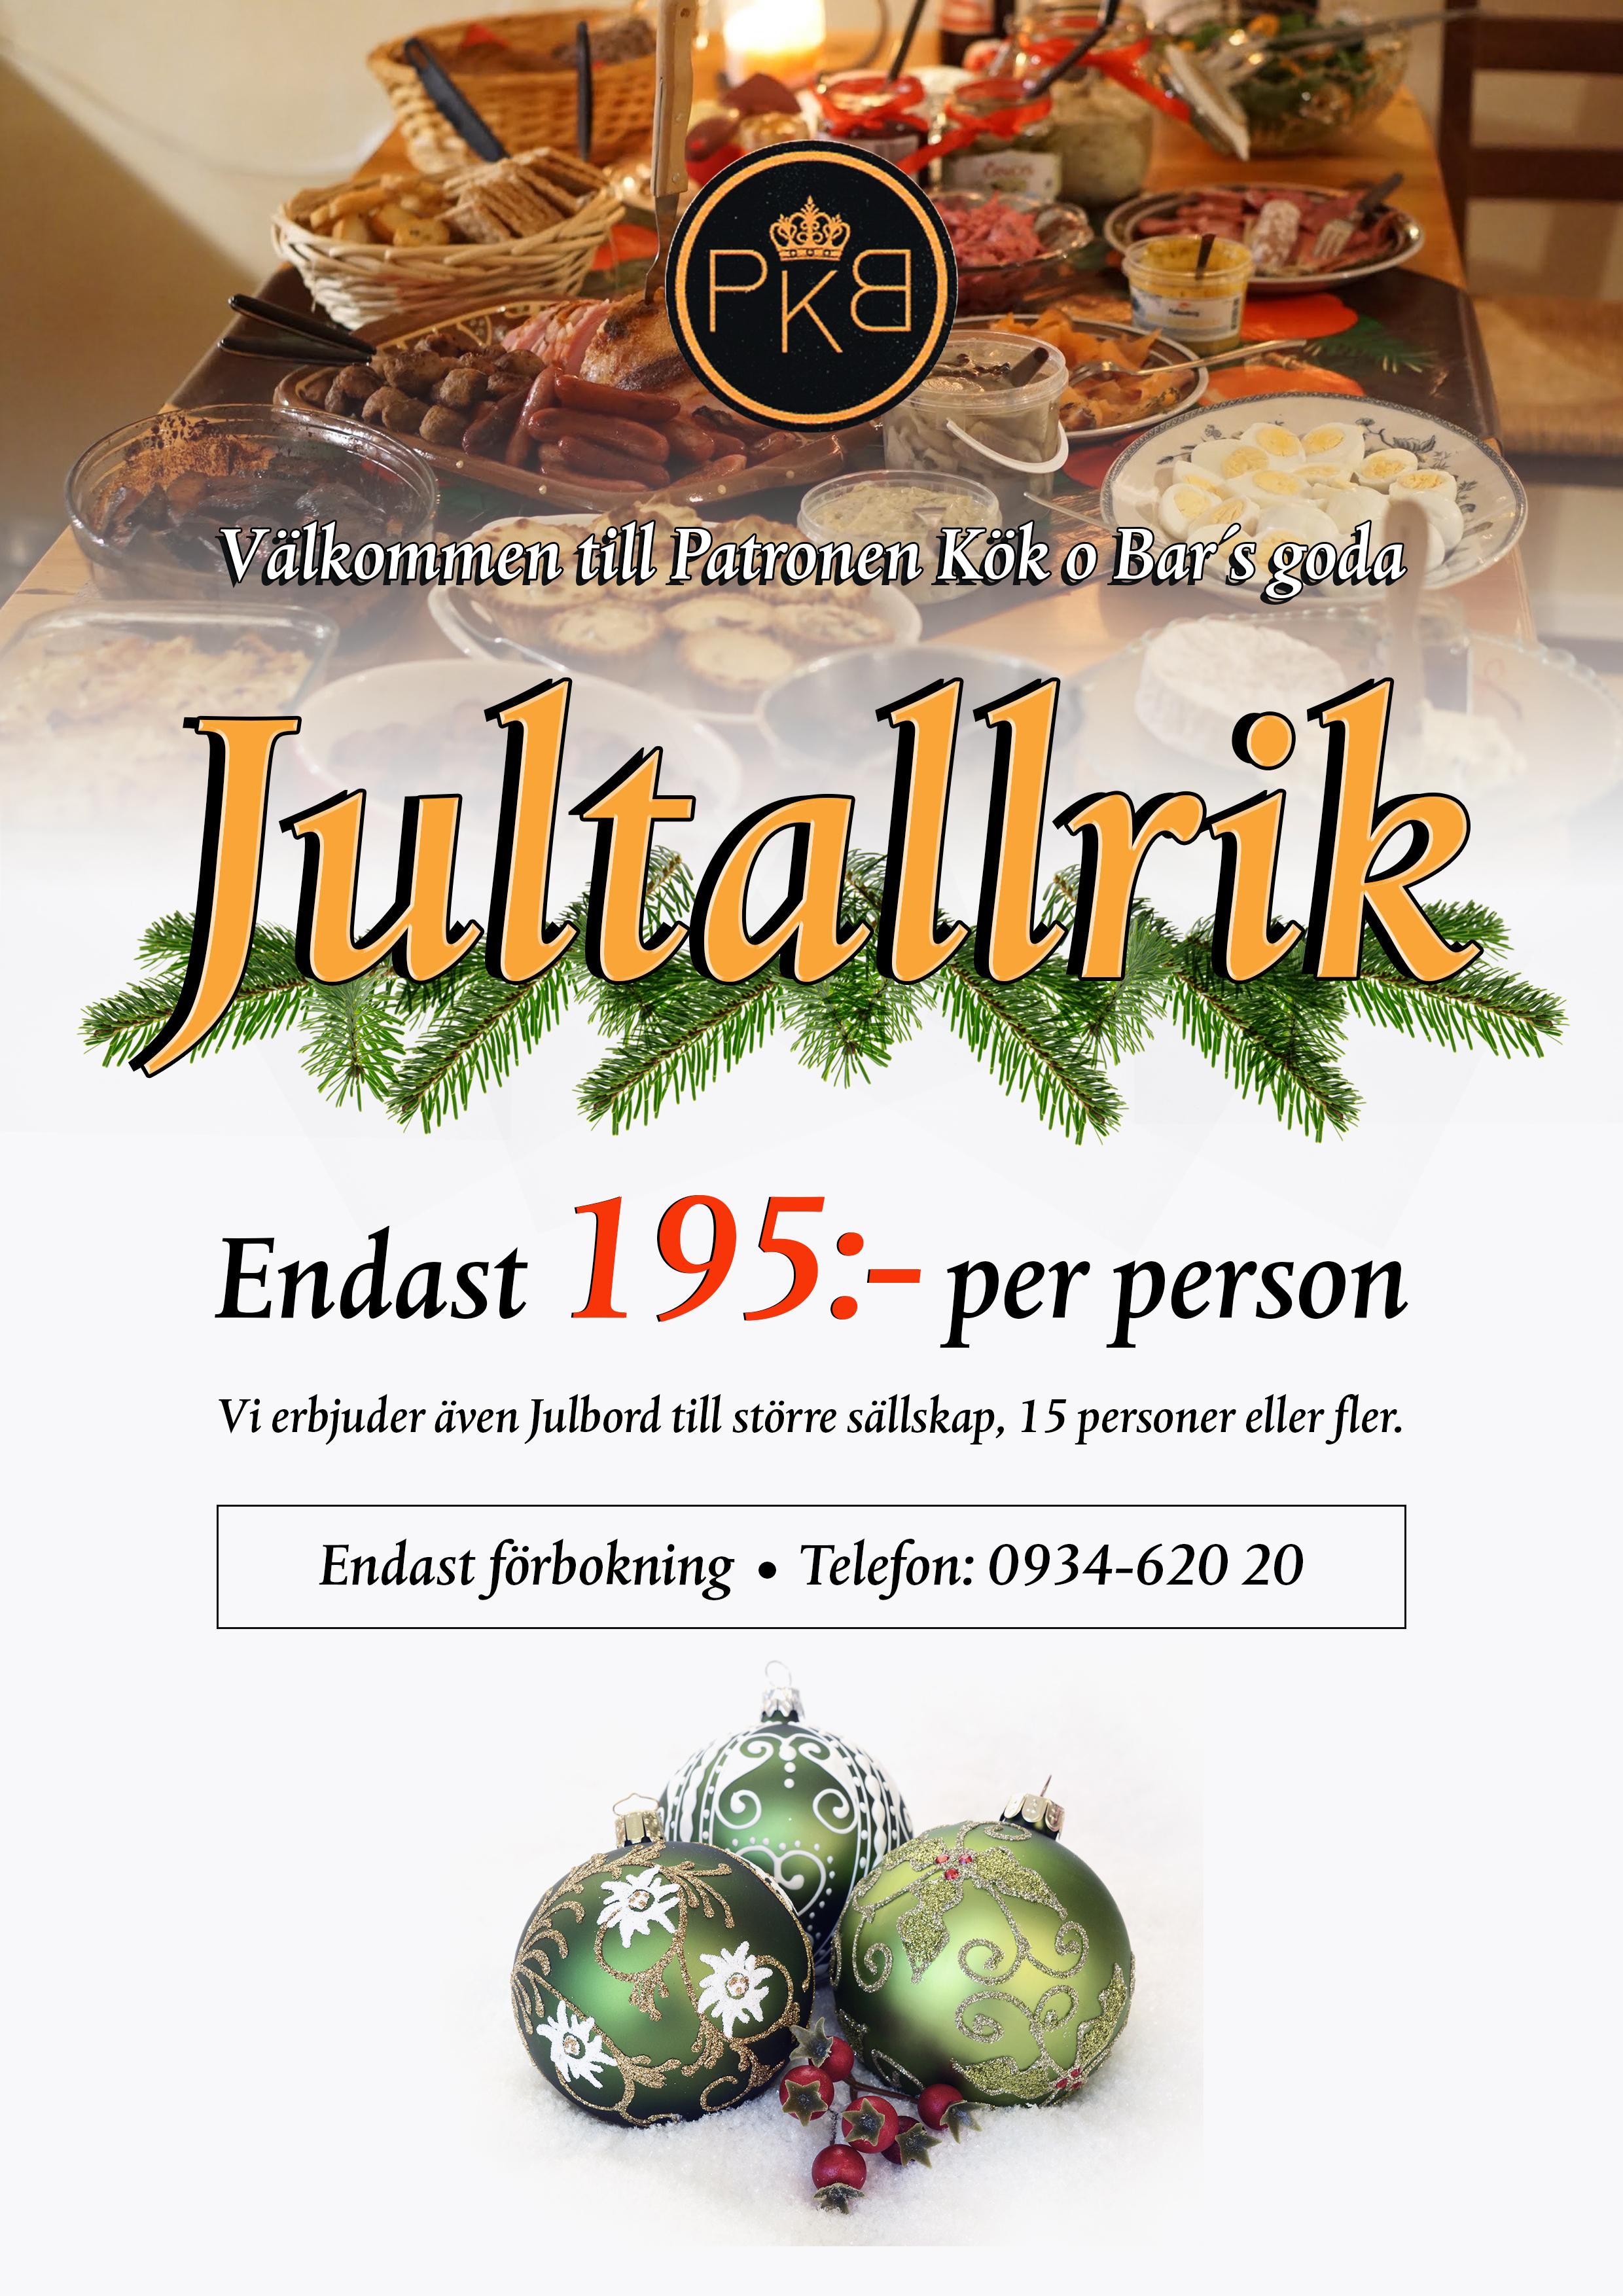 Jultallrik Robertsfors 2018 PATRONEN Kök och Bar Produktion@ExponeraMedia